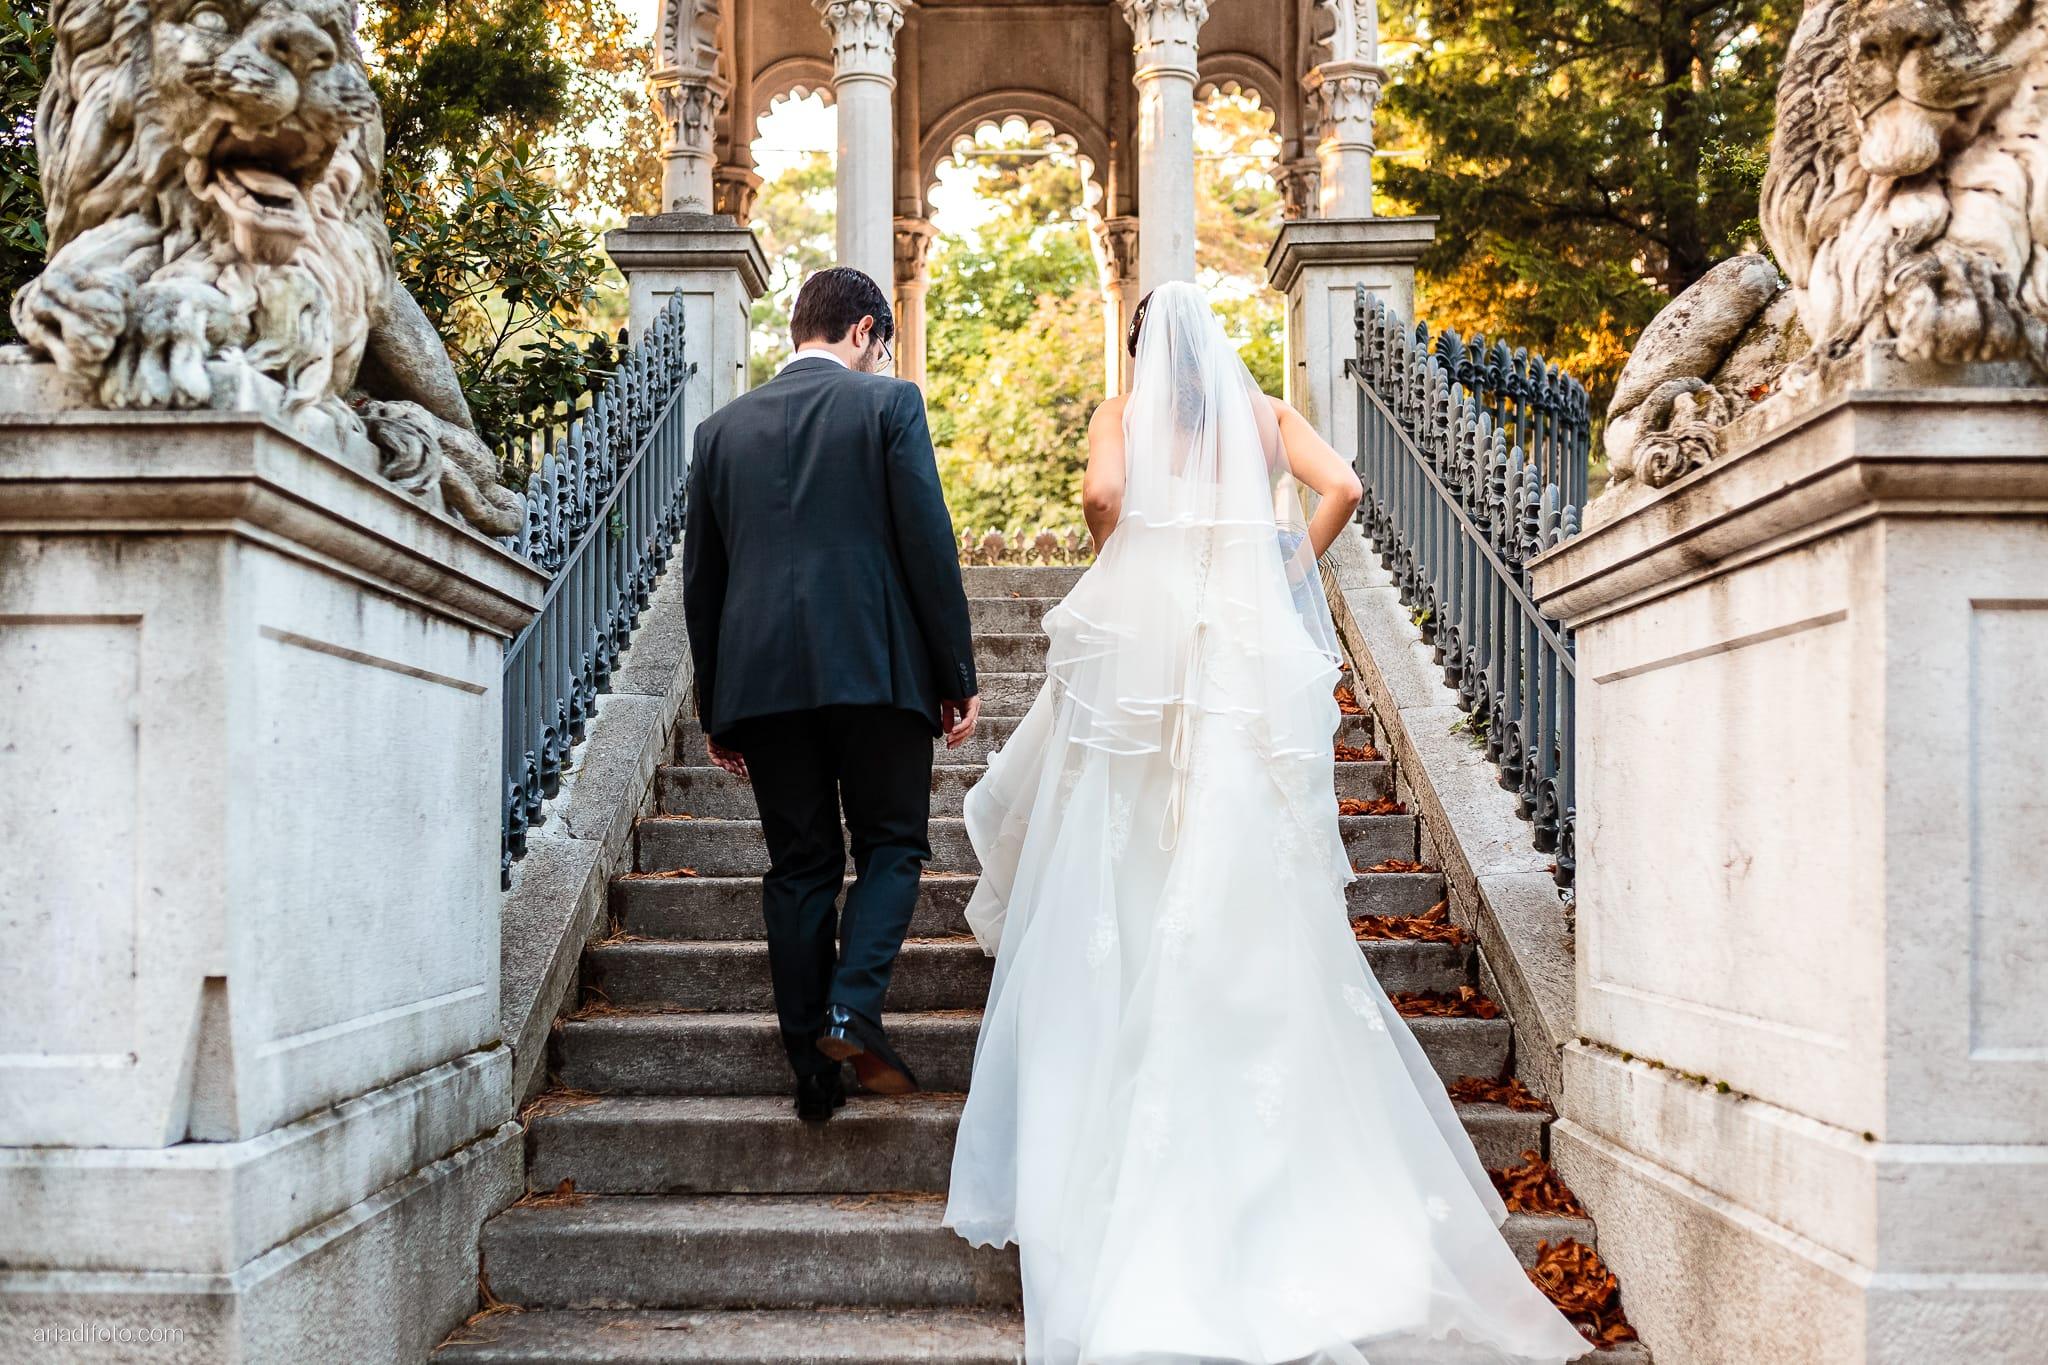 Ester Andrea matrimonio Trieste Villa Revoltella Stanjel Slovenia ritratti sposi